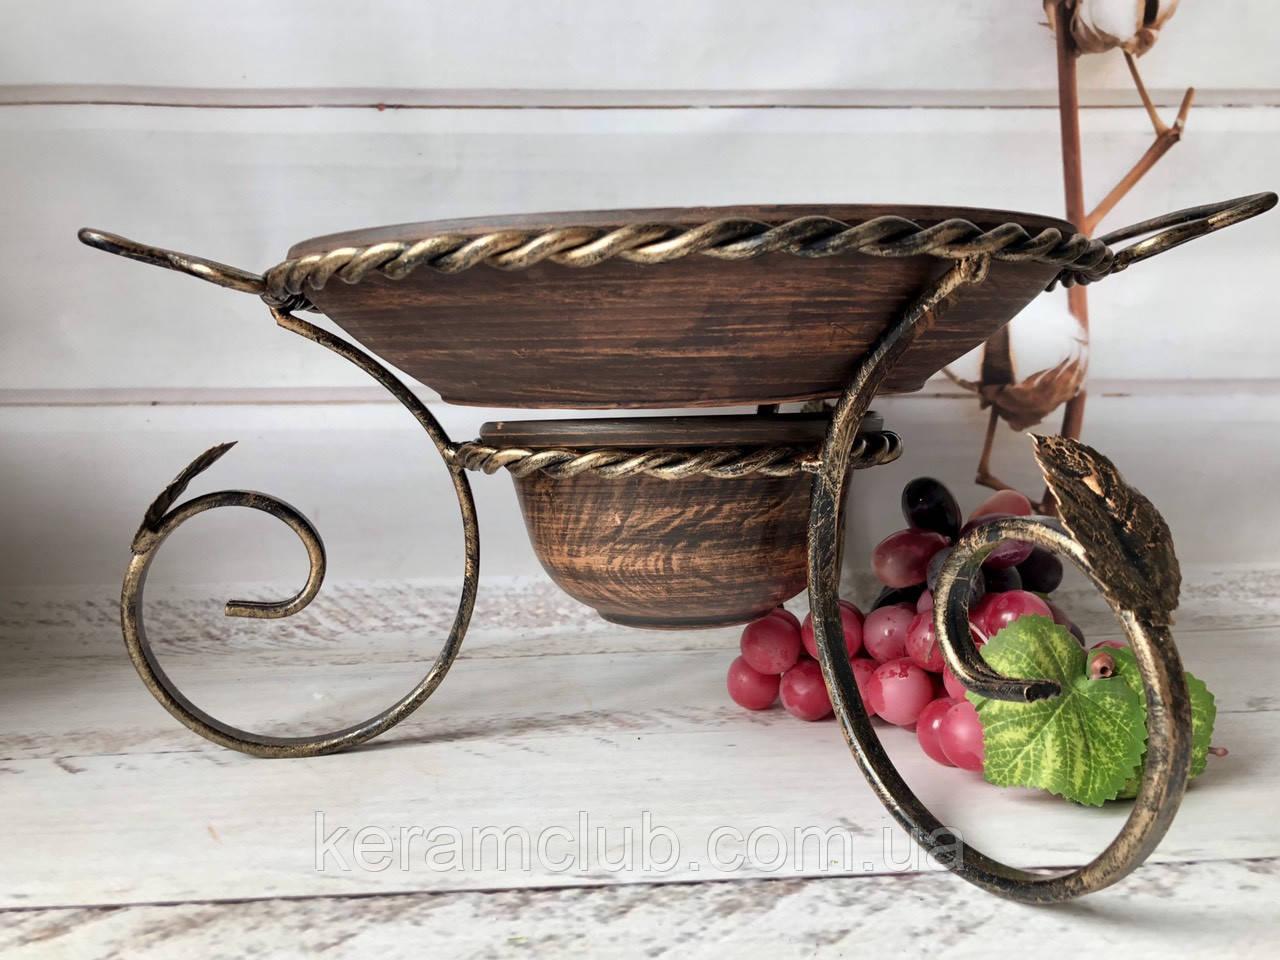 Набор садж для подачи шашлыка из красной глины